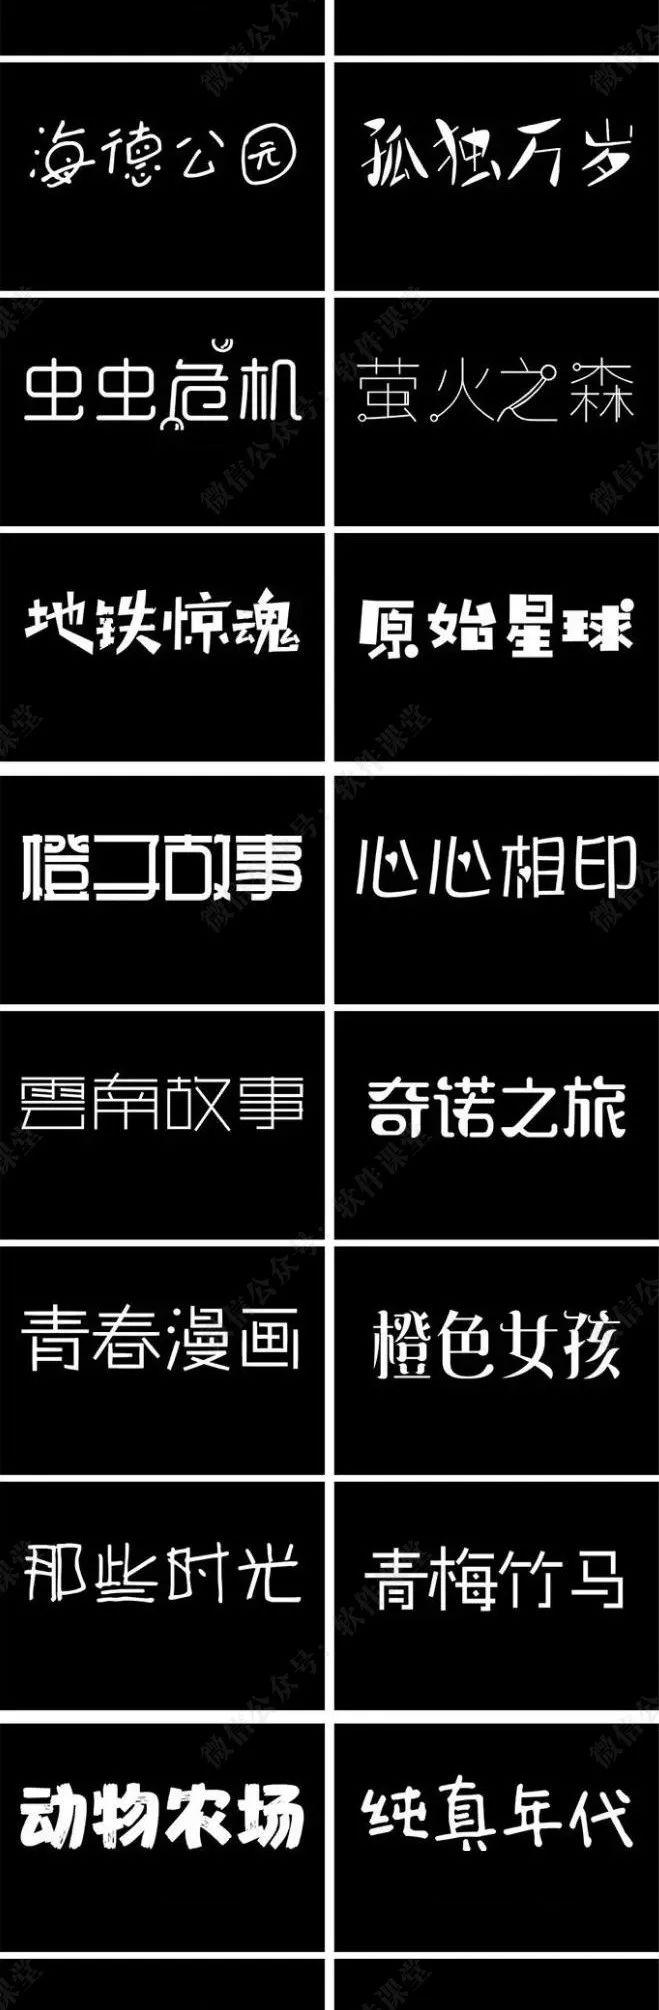 300款可爱卡通字体,精选合集【148期】